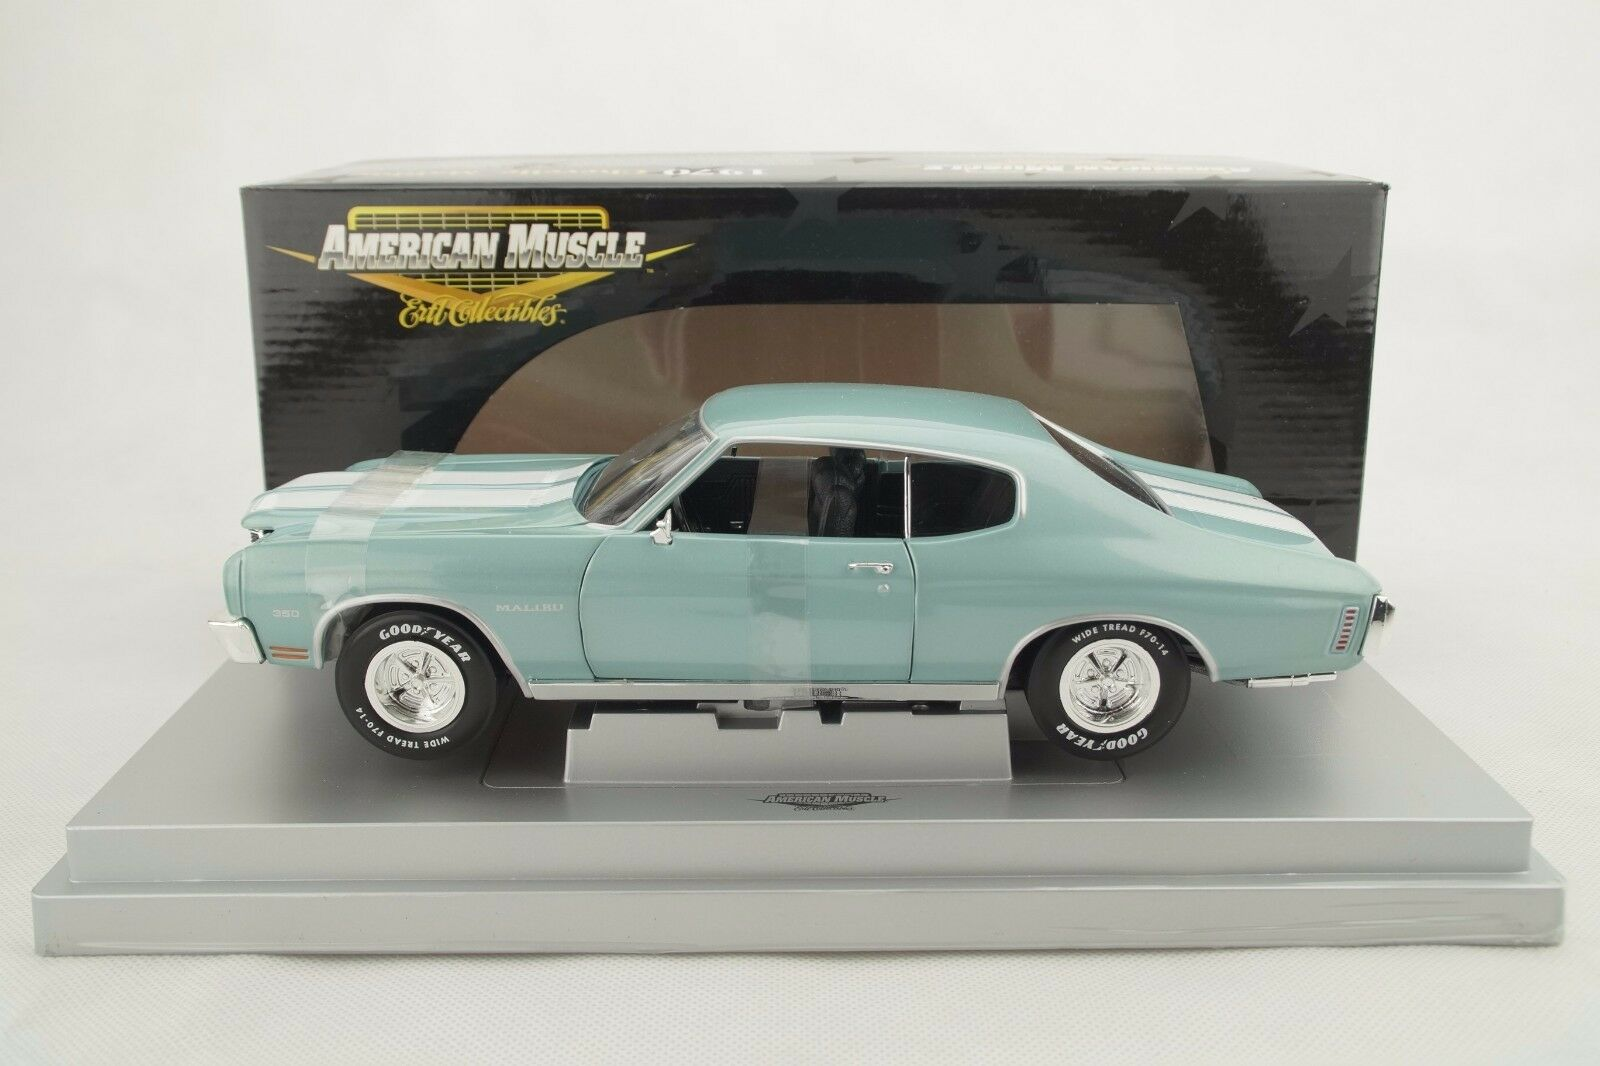 1 18 ERTL Elite - 1970 Chevelle Malibu MINT verde-Lmtd. ed. - Rarità-Nuovo Scatola Originale